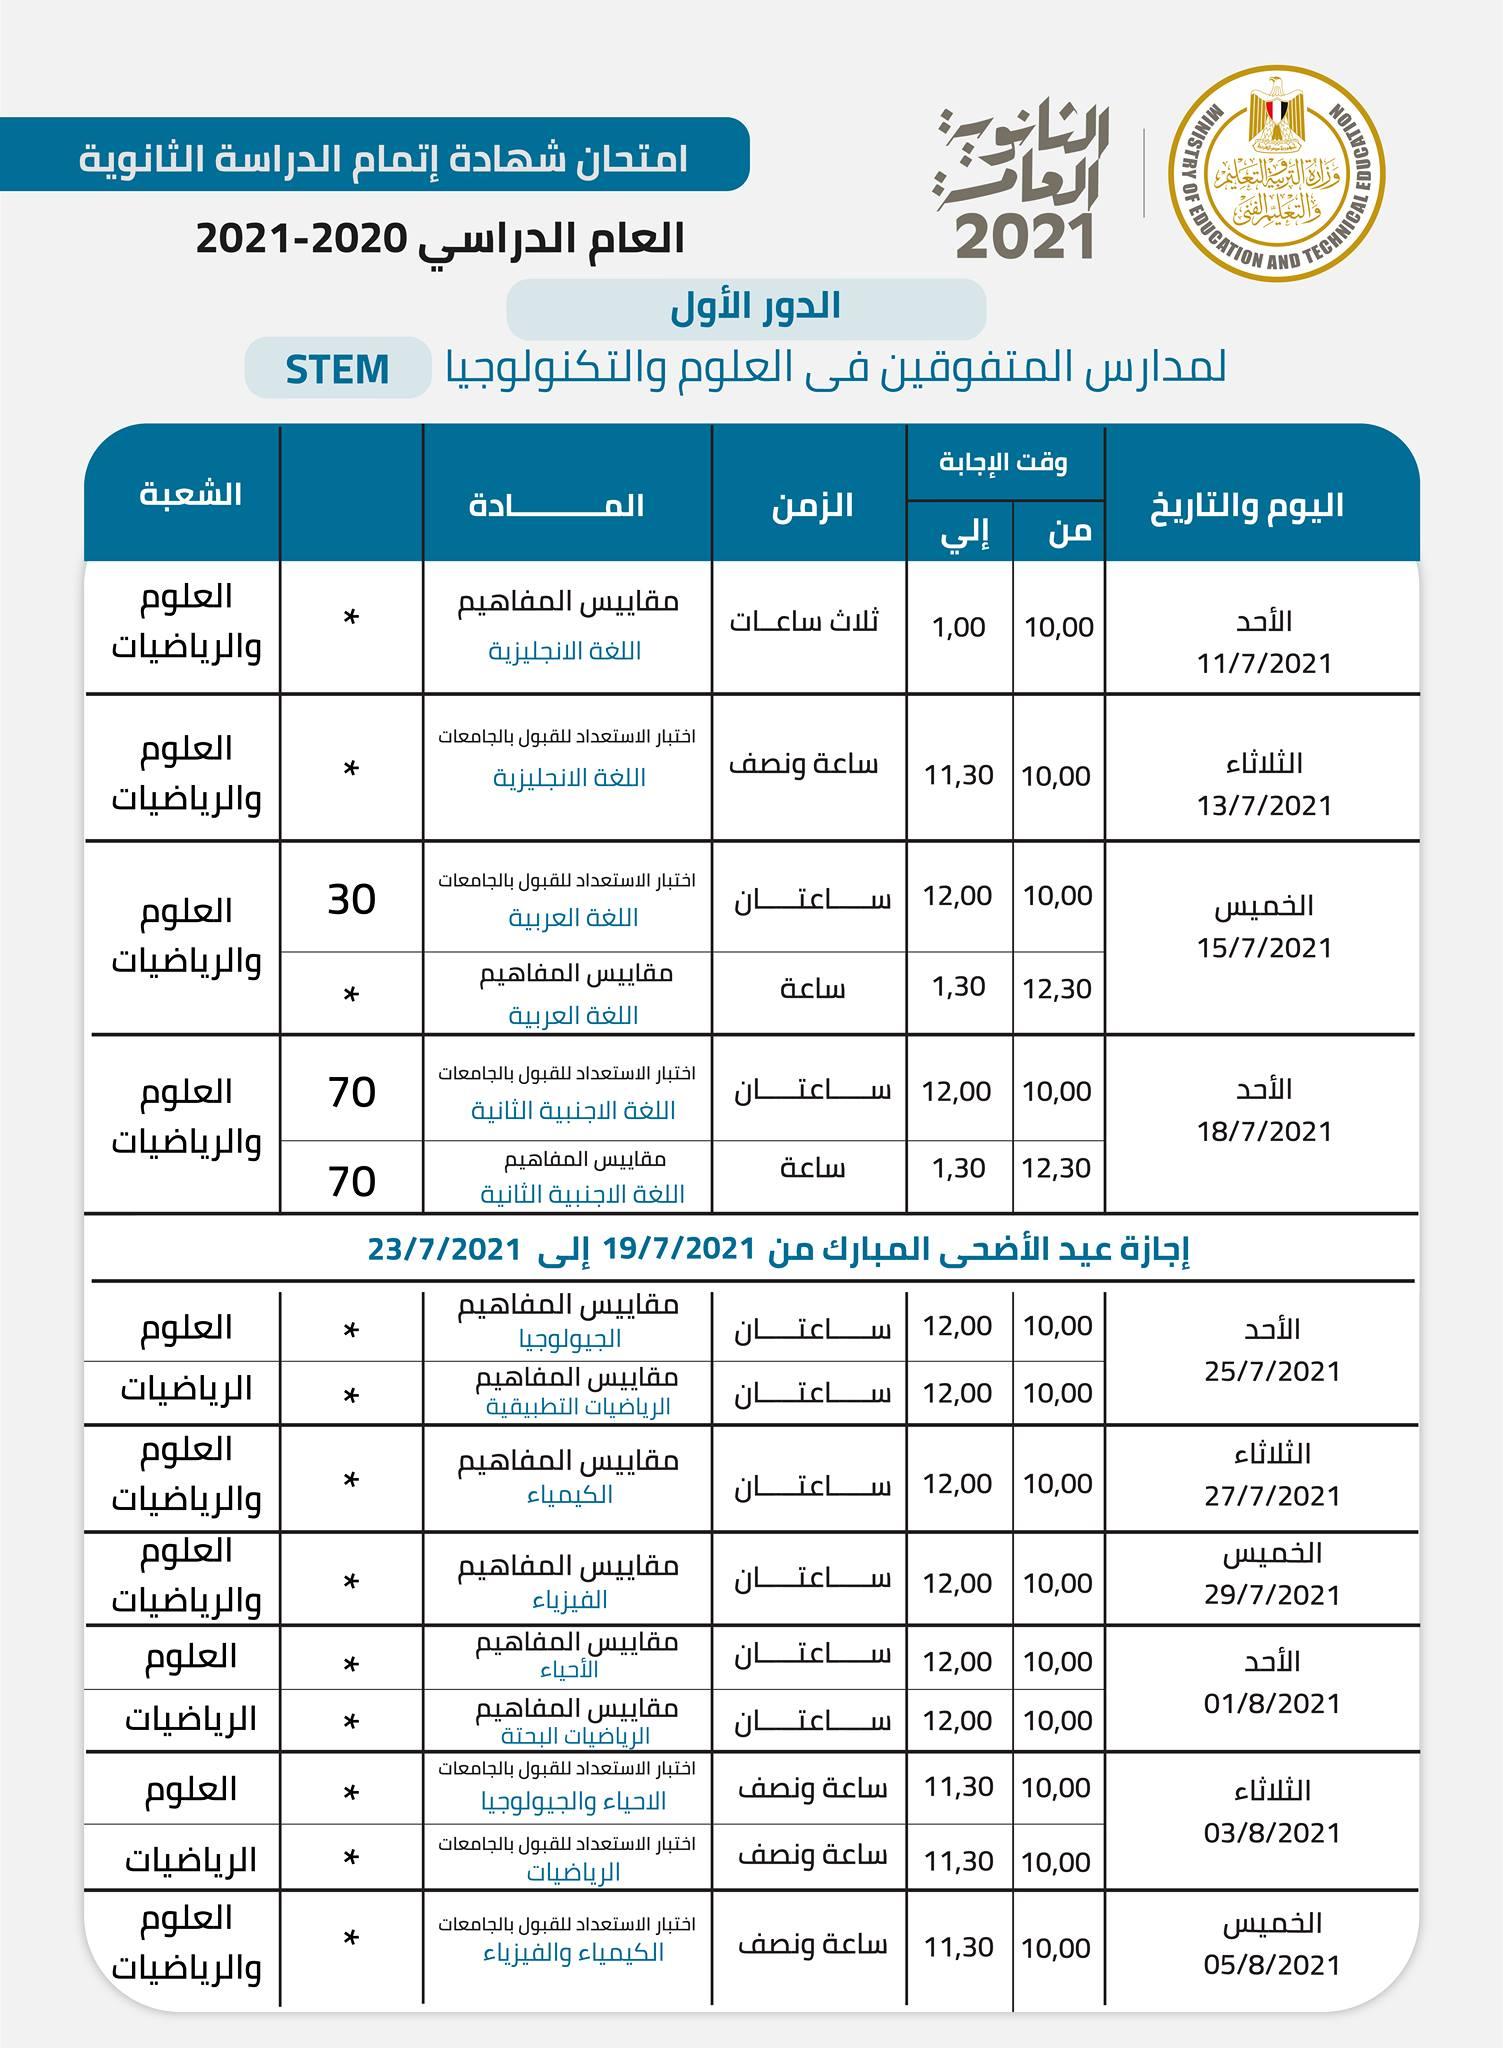 جداول امتحانات الثانوية العامة 2021 لمدارس المتفوقين في العلوم والتكنولوجيا STEM